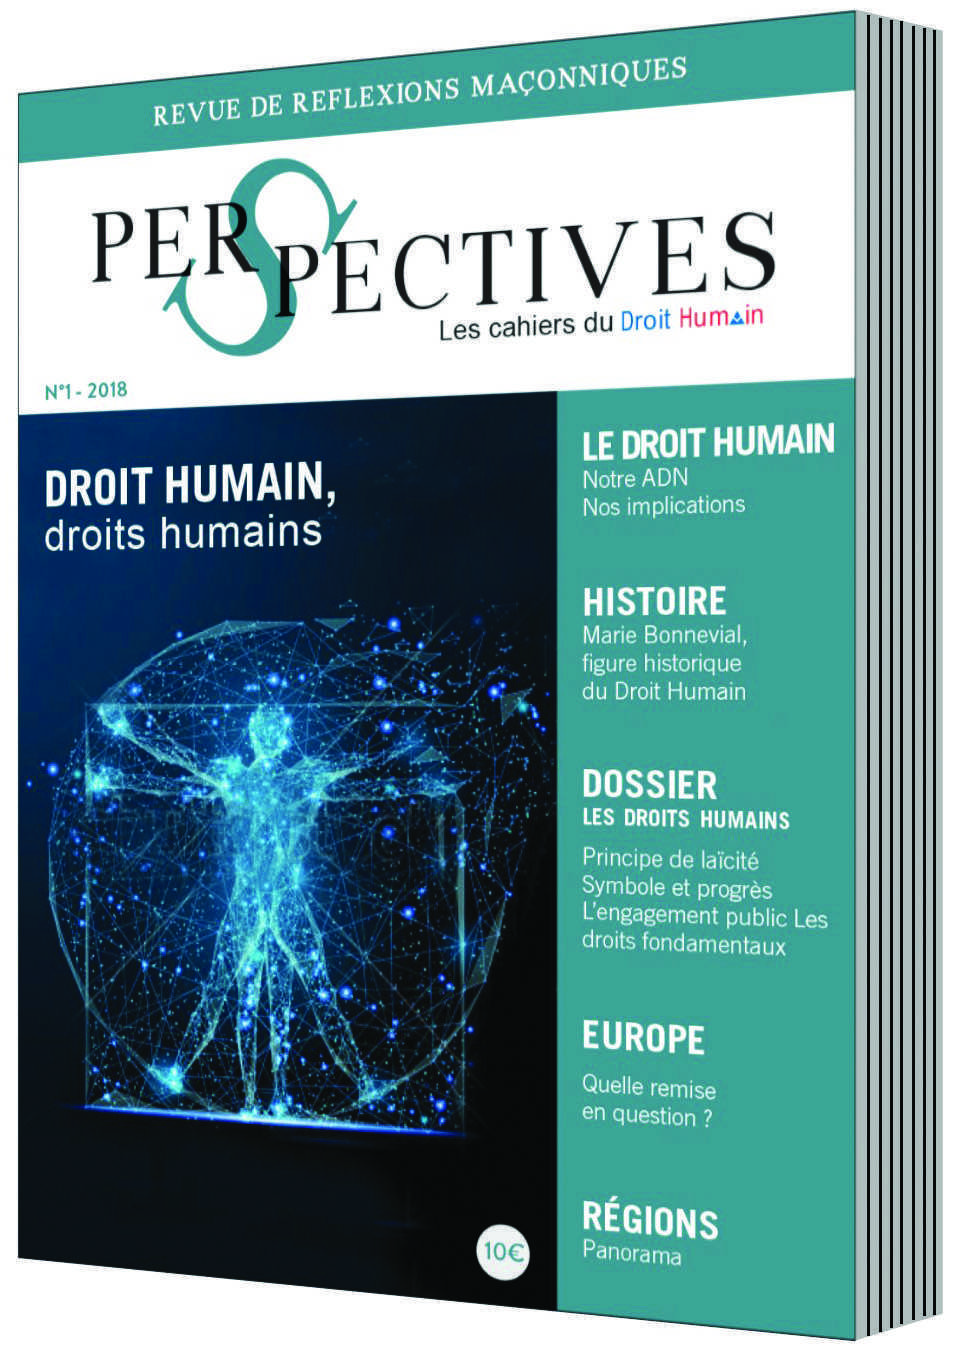 Le N°1 de la Revue Perspectives du DROIT HUMAIN